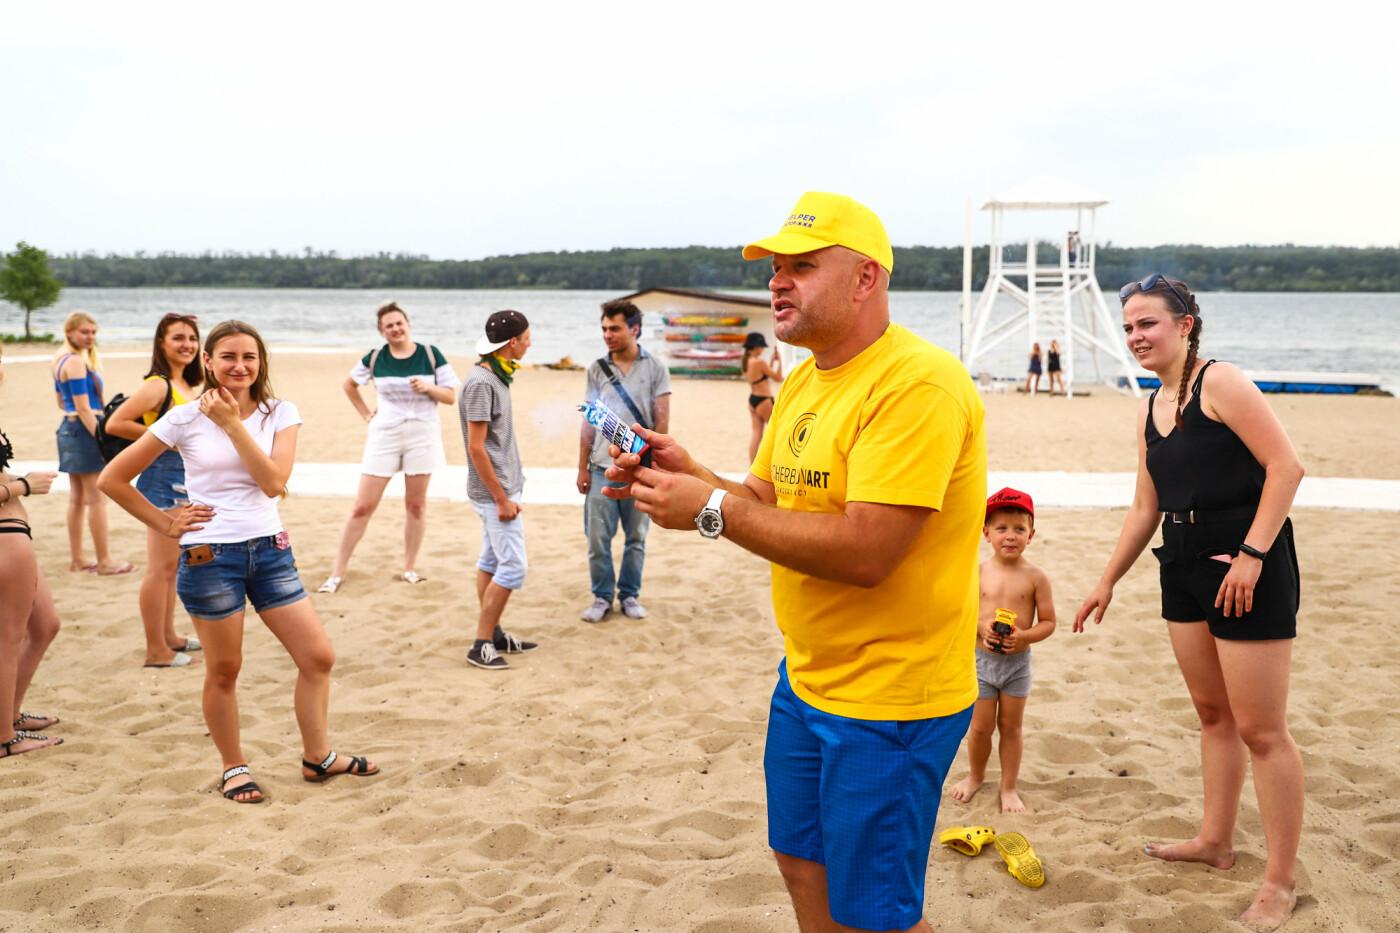 На пляже в Запорожье зажгли желто-синие дымовые шашки и установили рекорд Украины, - ФОТОРЕПОРТАЖ, фото-4